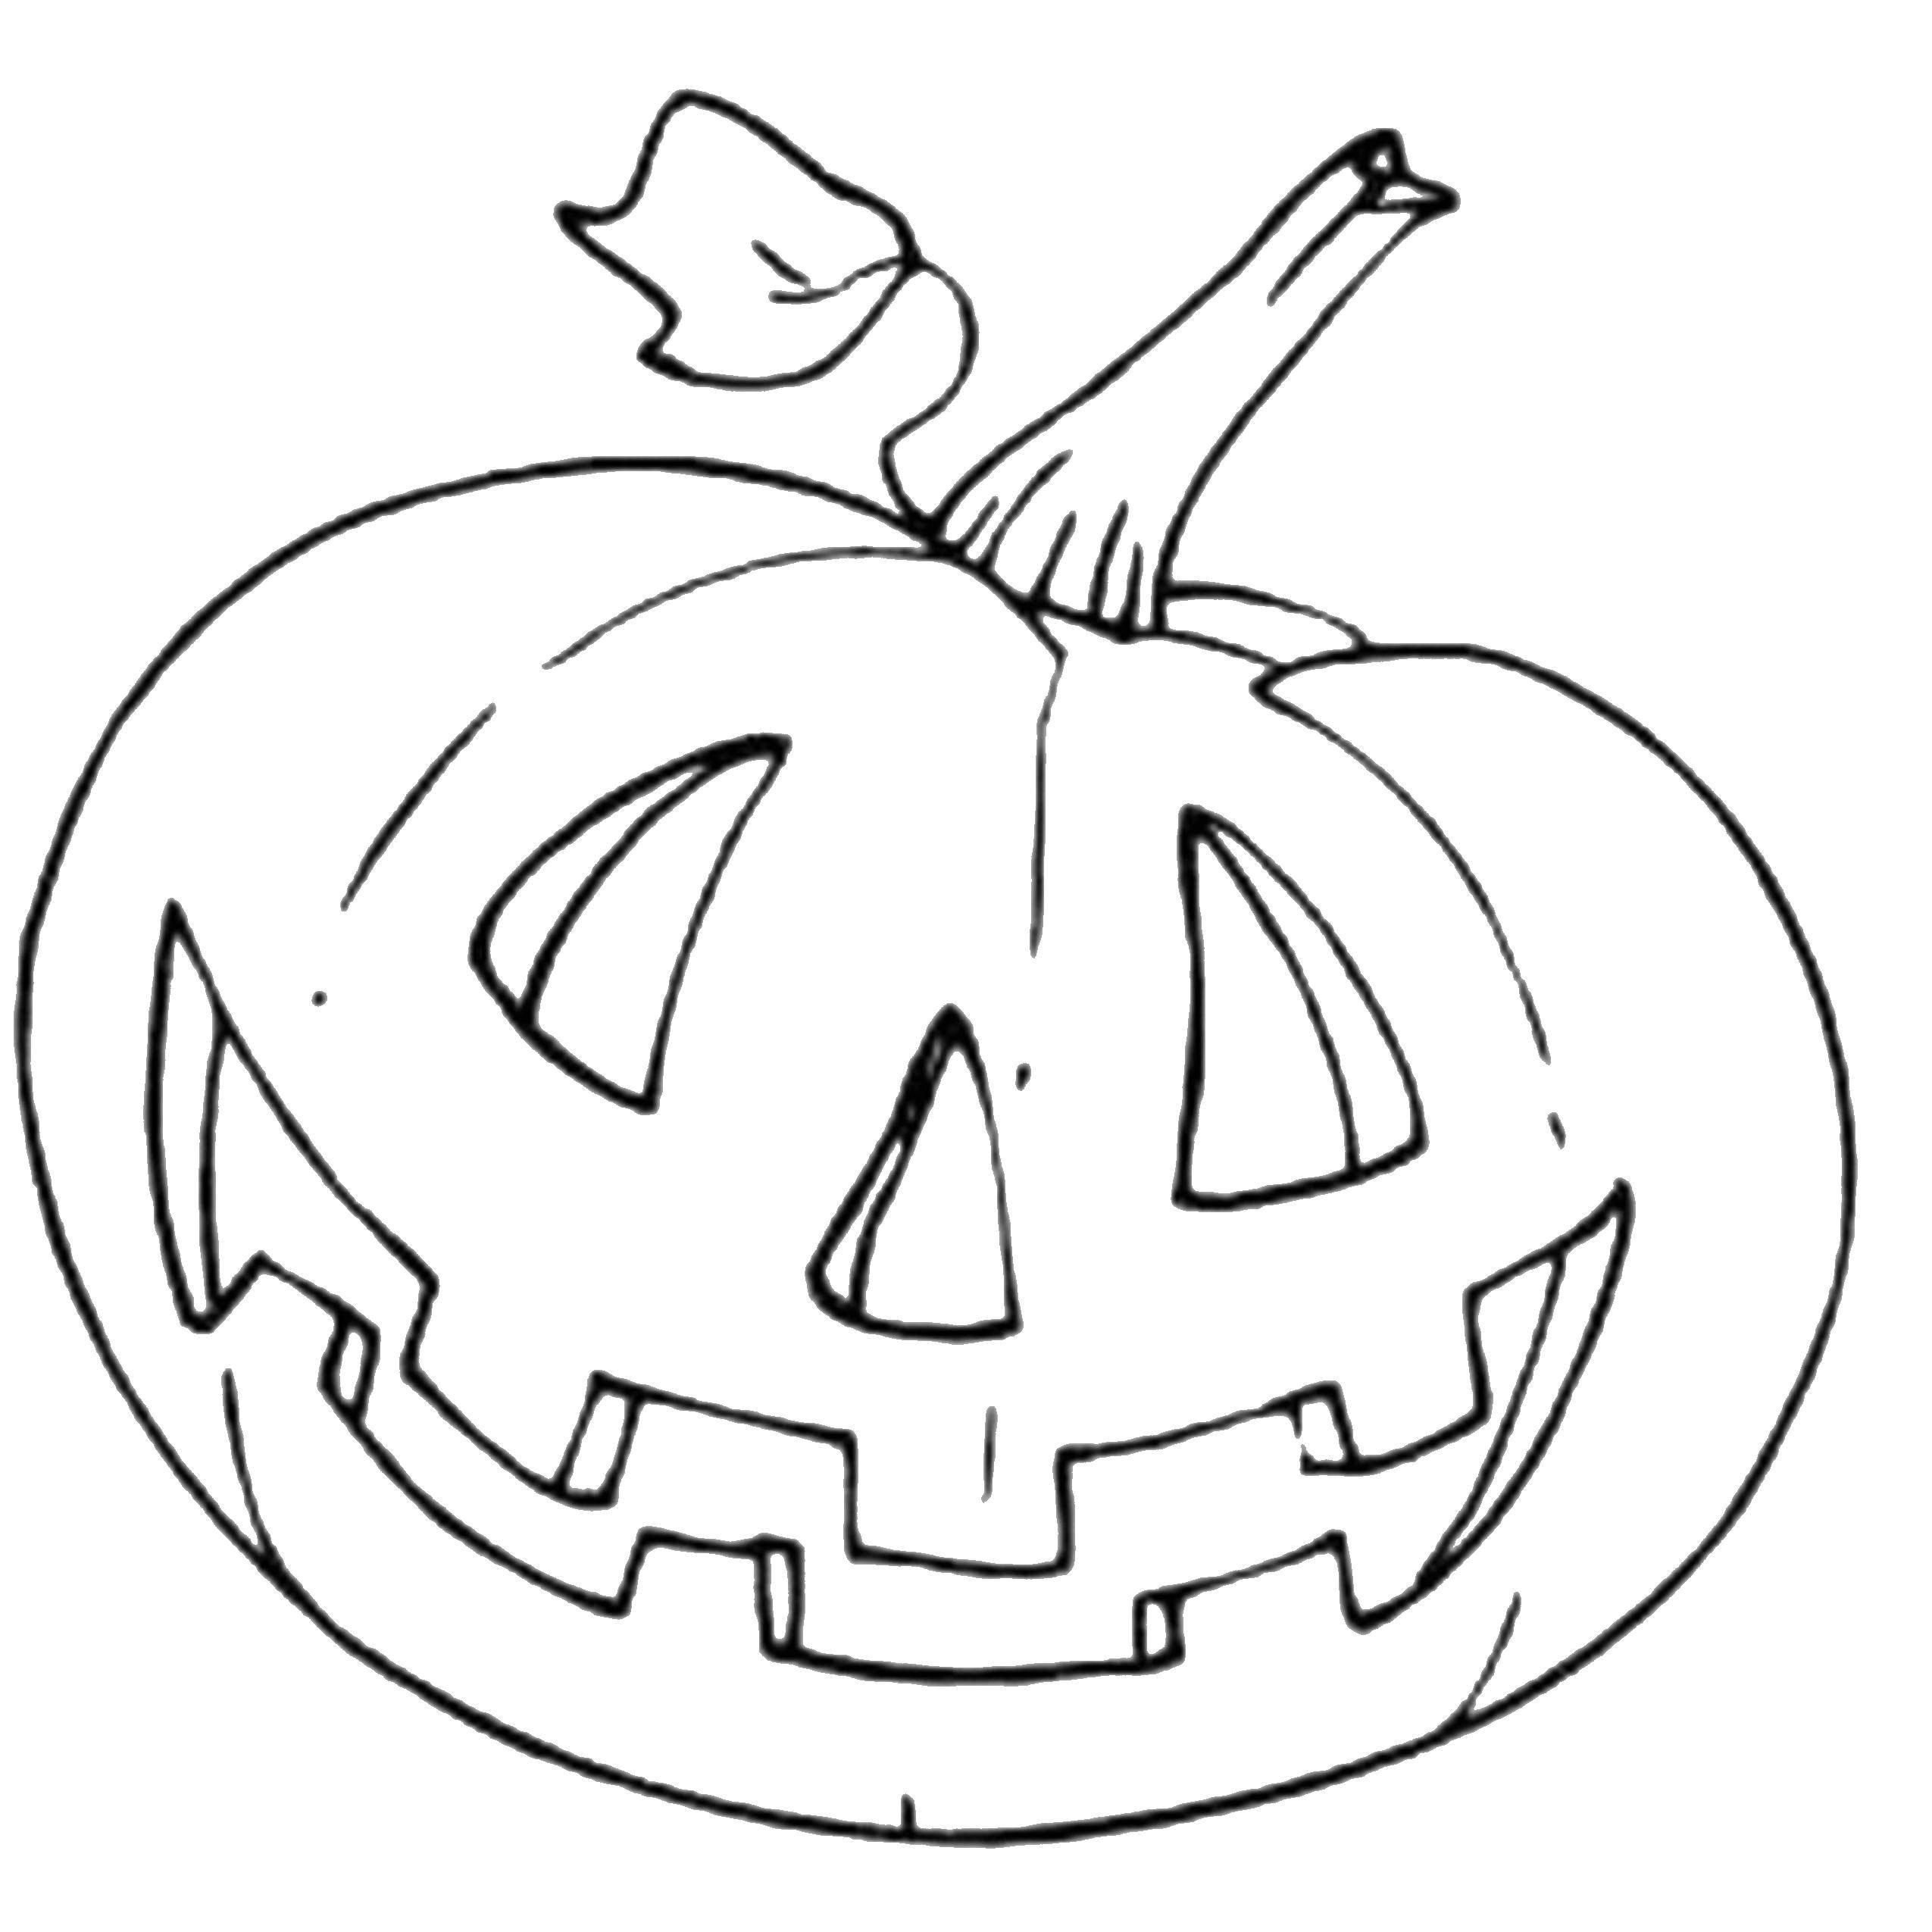 Раскраска Тыква на хэллоуин Скачать тыквы, хэллоуин, праздник.  Распечатать ,тыква на хэллоуин,